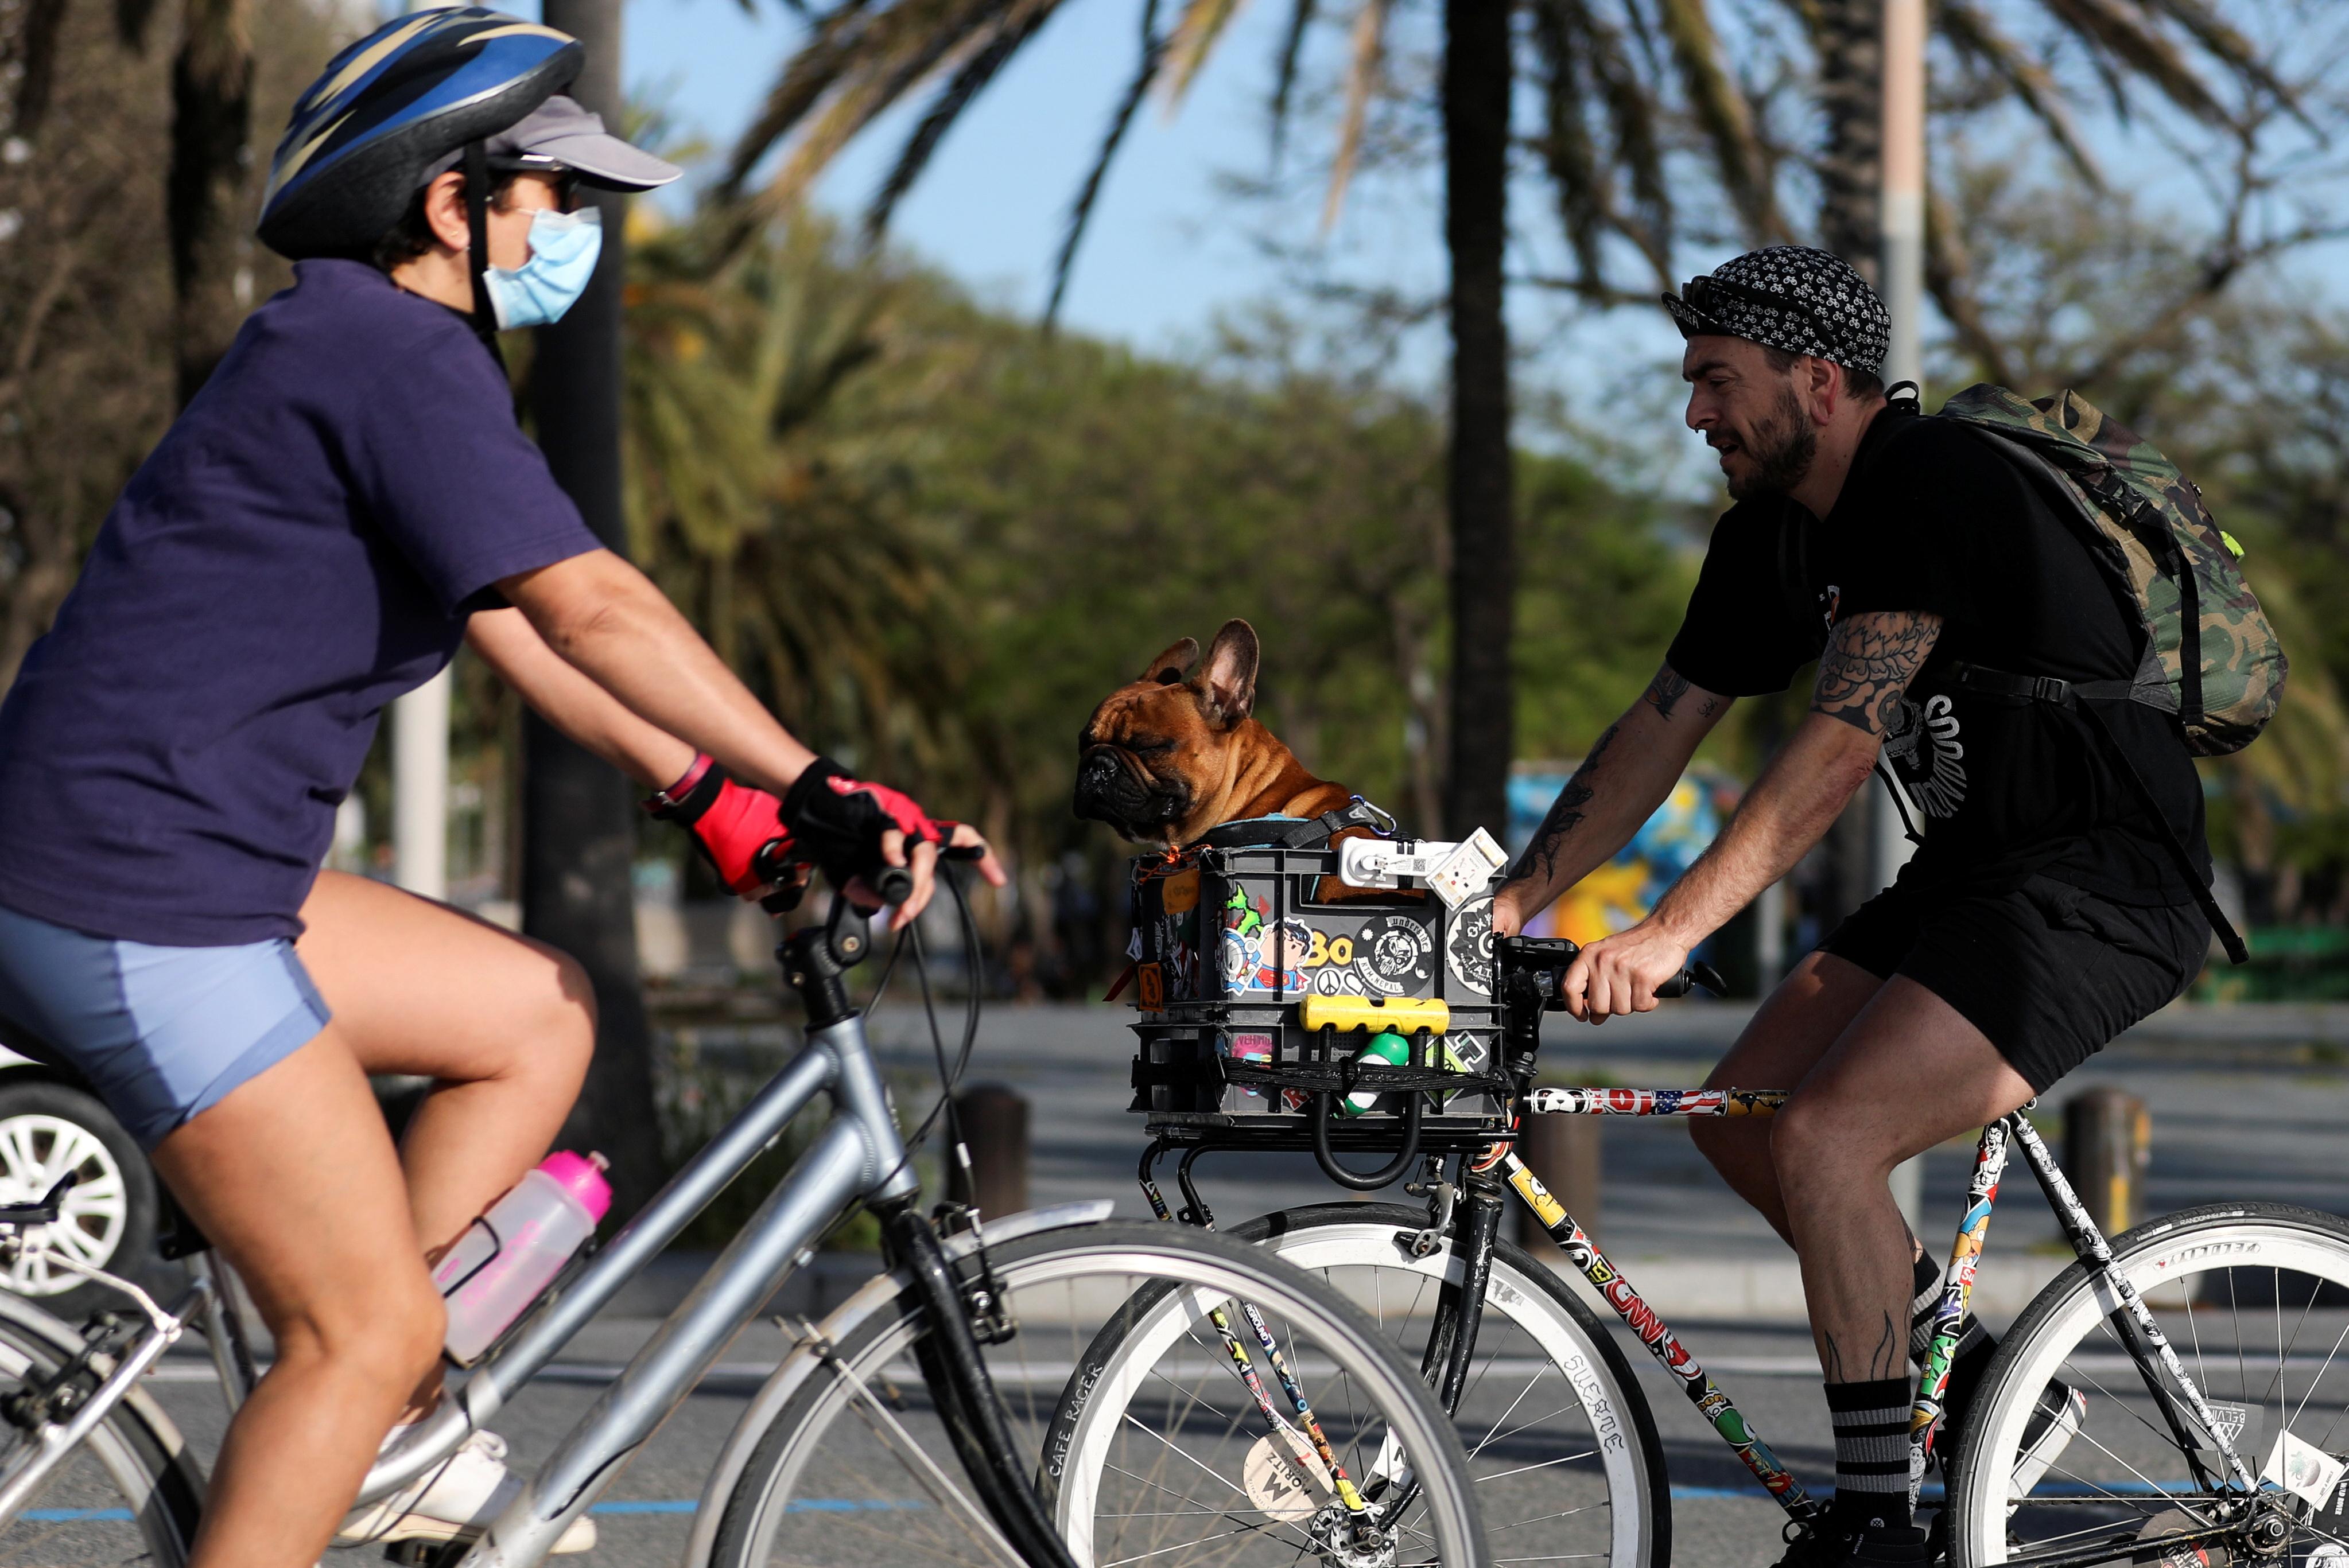 Nuevos hábitos de movilidad